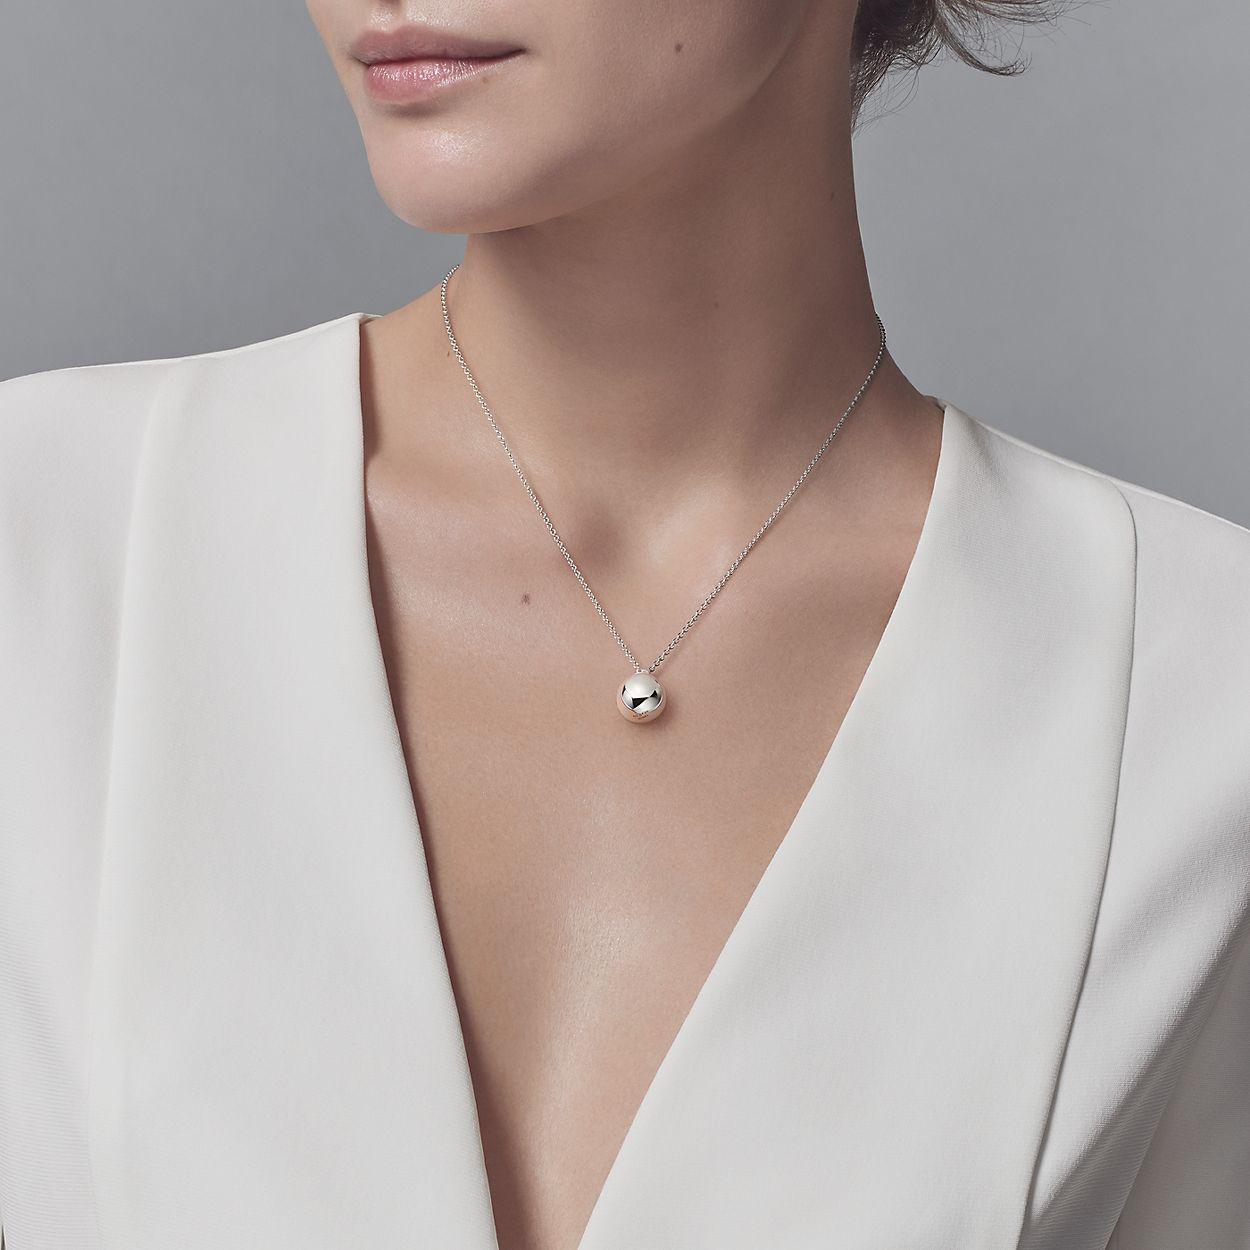 03d6adb81 Shop Tiffany HardWear Sterling Silver Ball Pendant | Tiffany & Co.